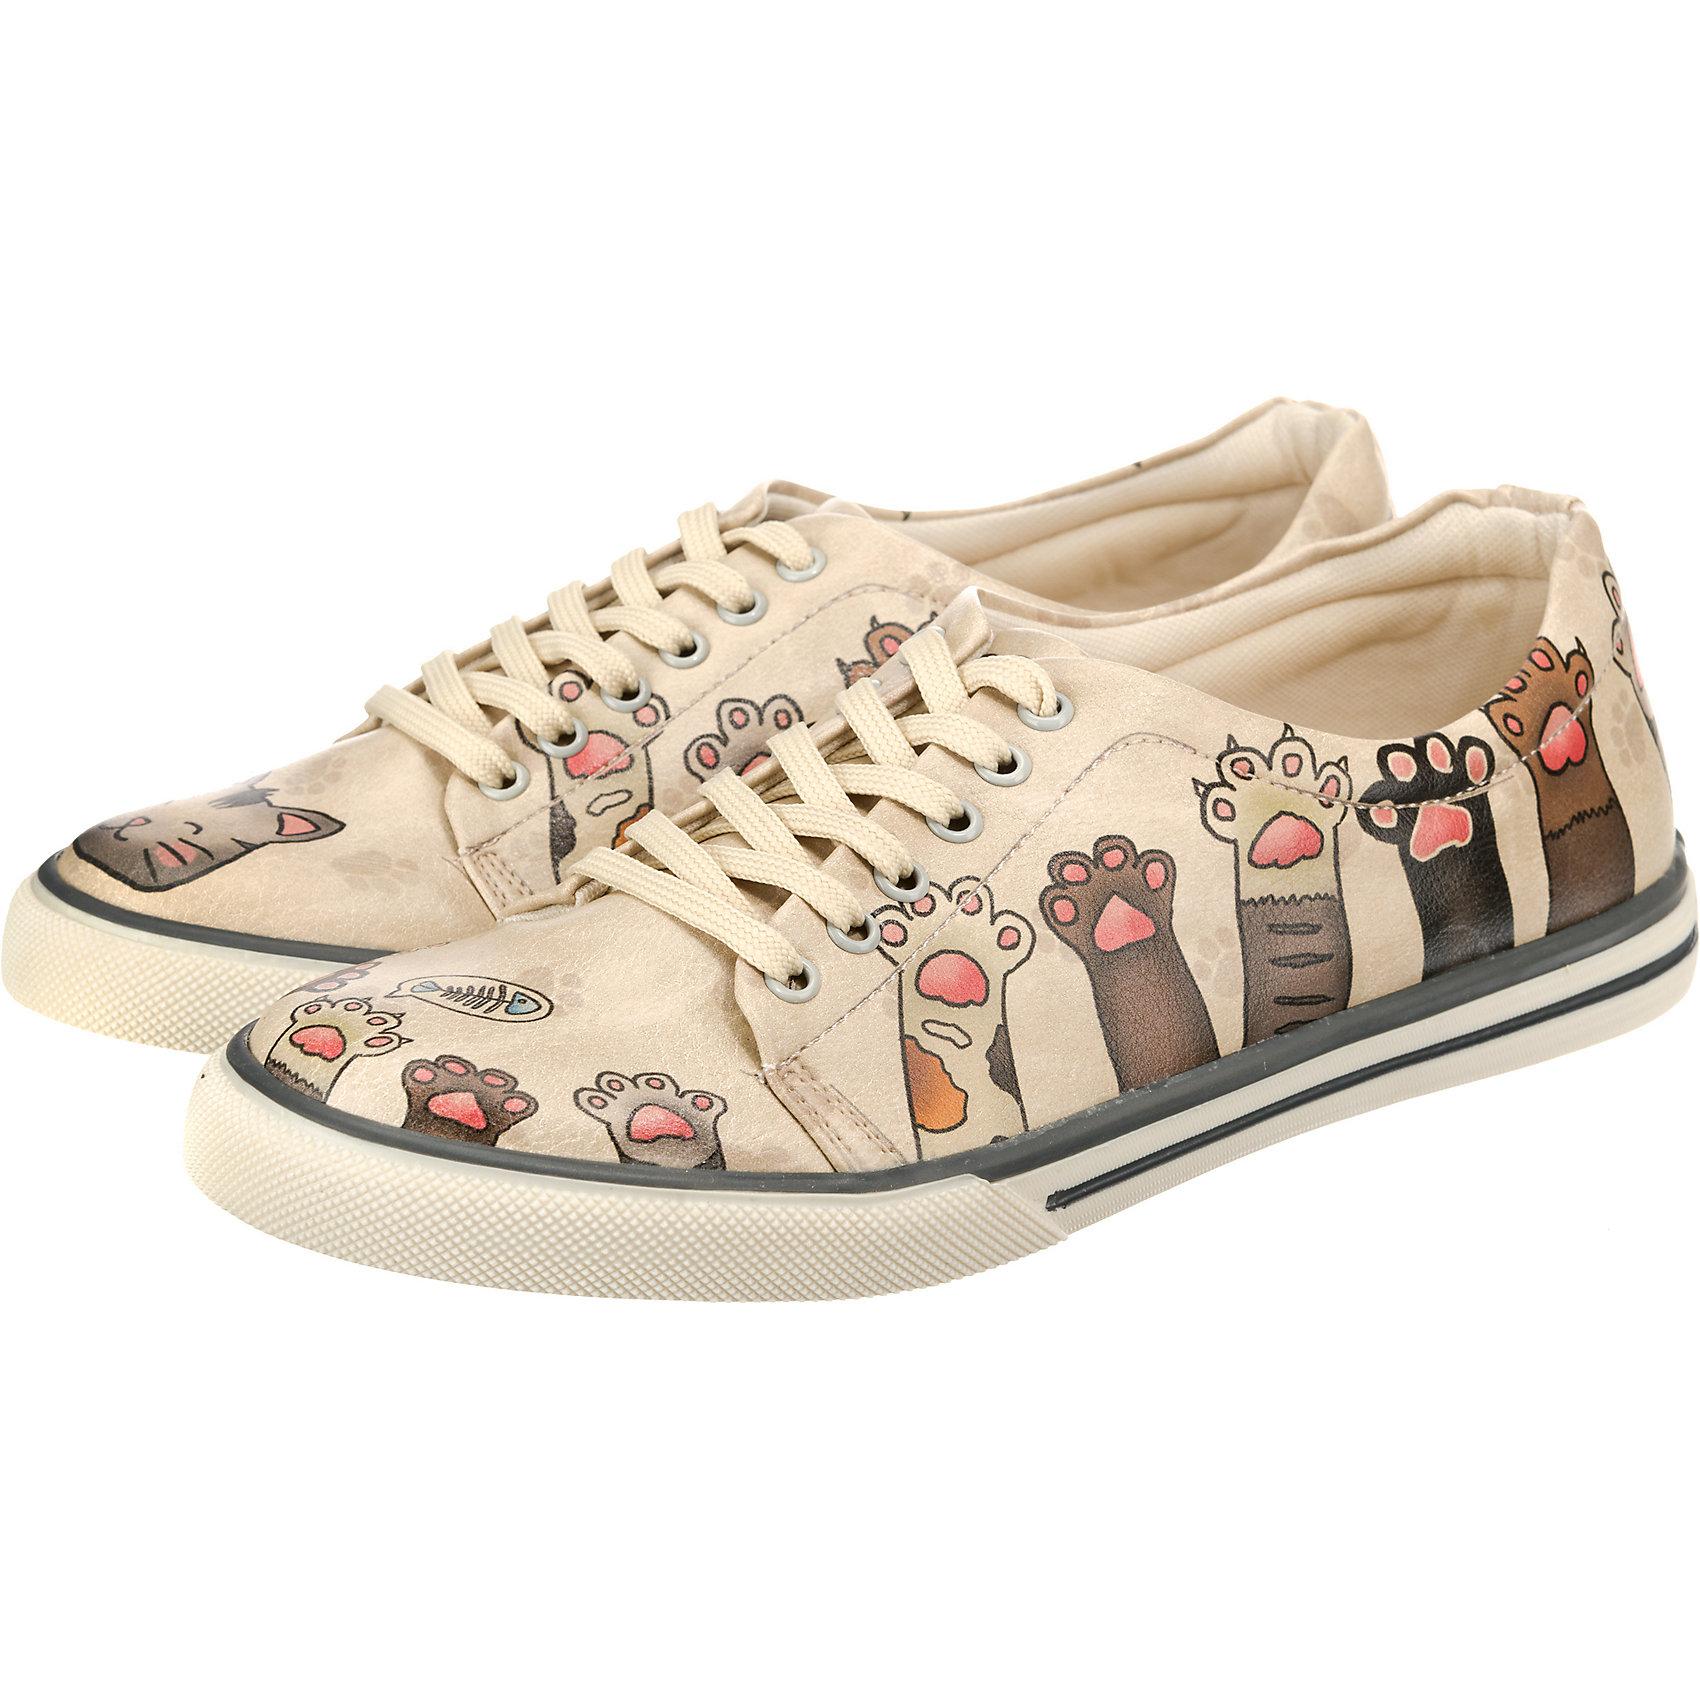 bester Wert 2019 rabatt verkauf beste Angebote für Details zu Neu Dogo Shoes Yummy Sneakers Low 7338985 für Damen mehrfarbig